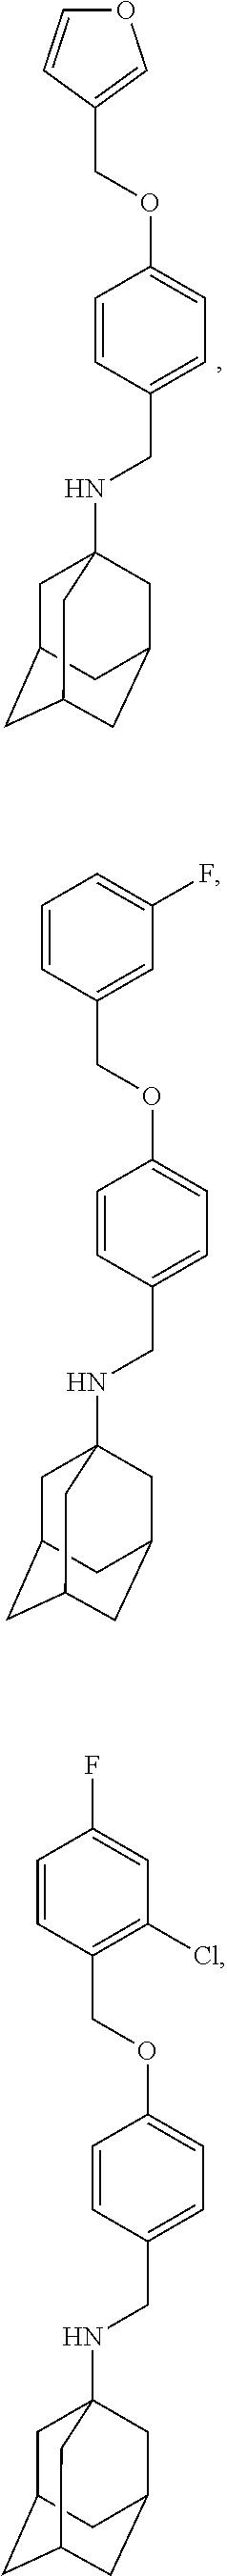 Figure US09884832-20180206-C00032